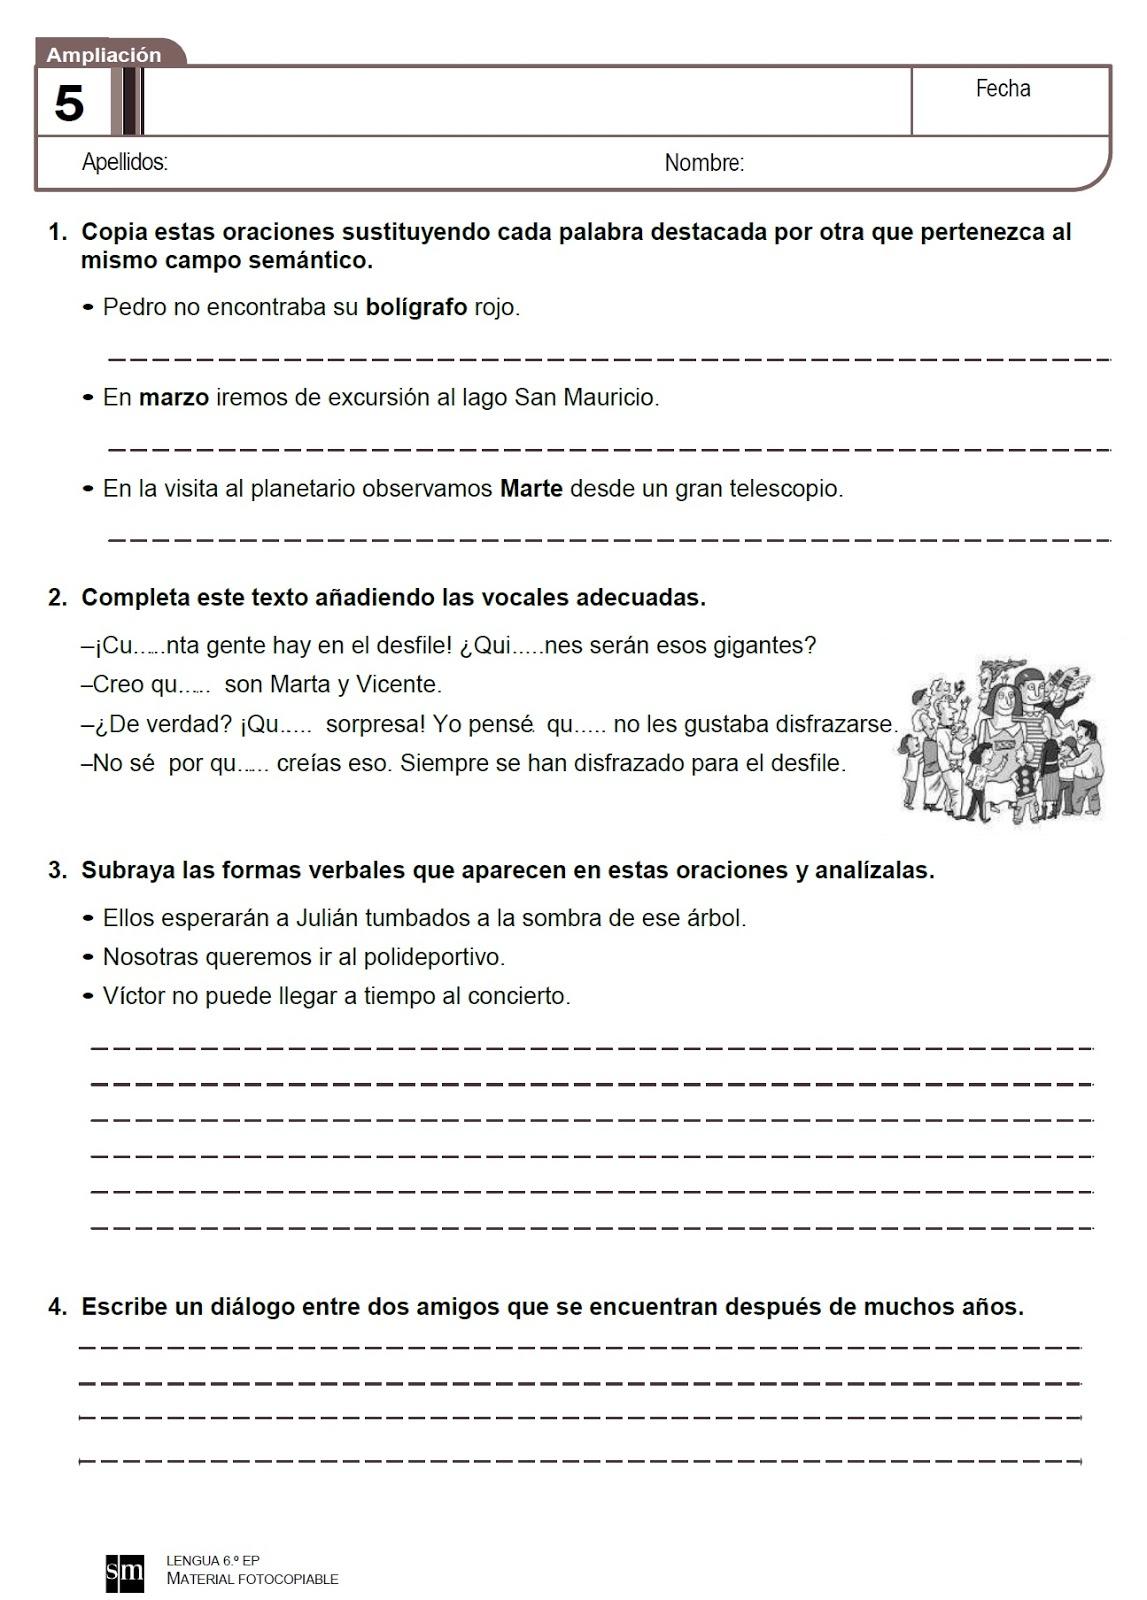 Fichas repaso del tema 5 de Lengua